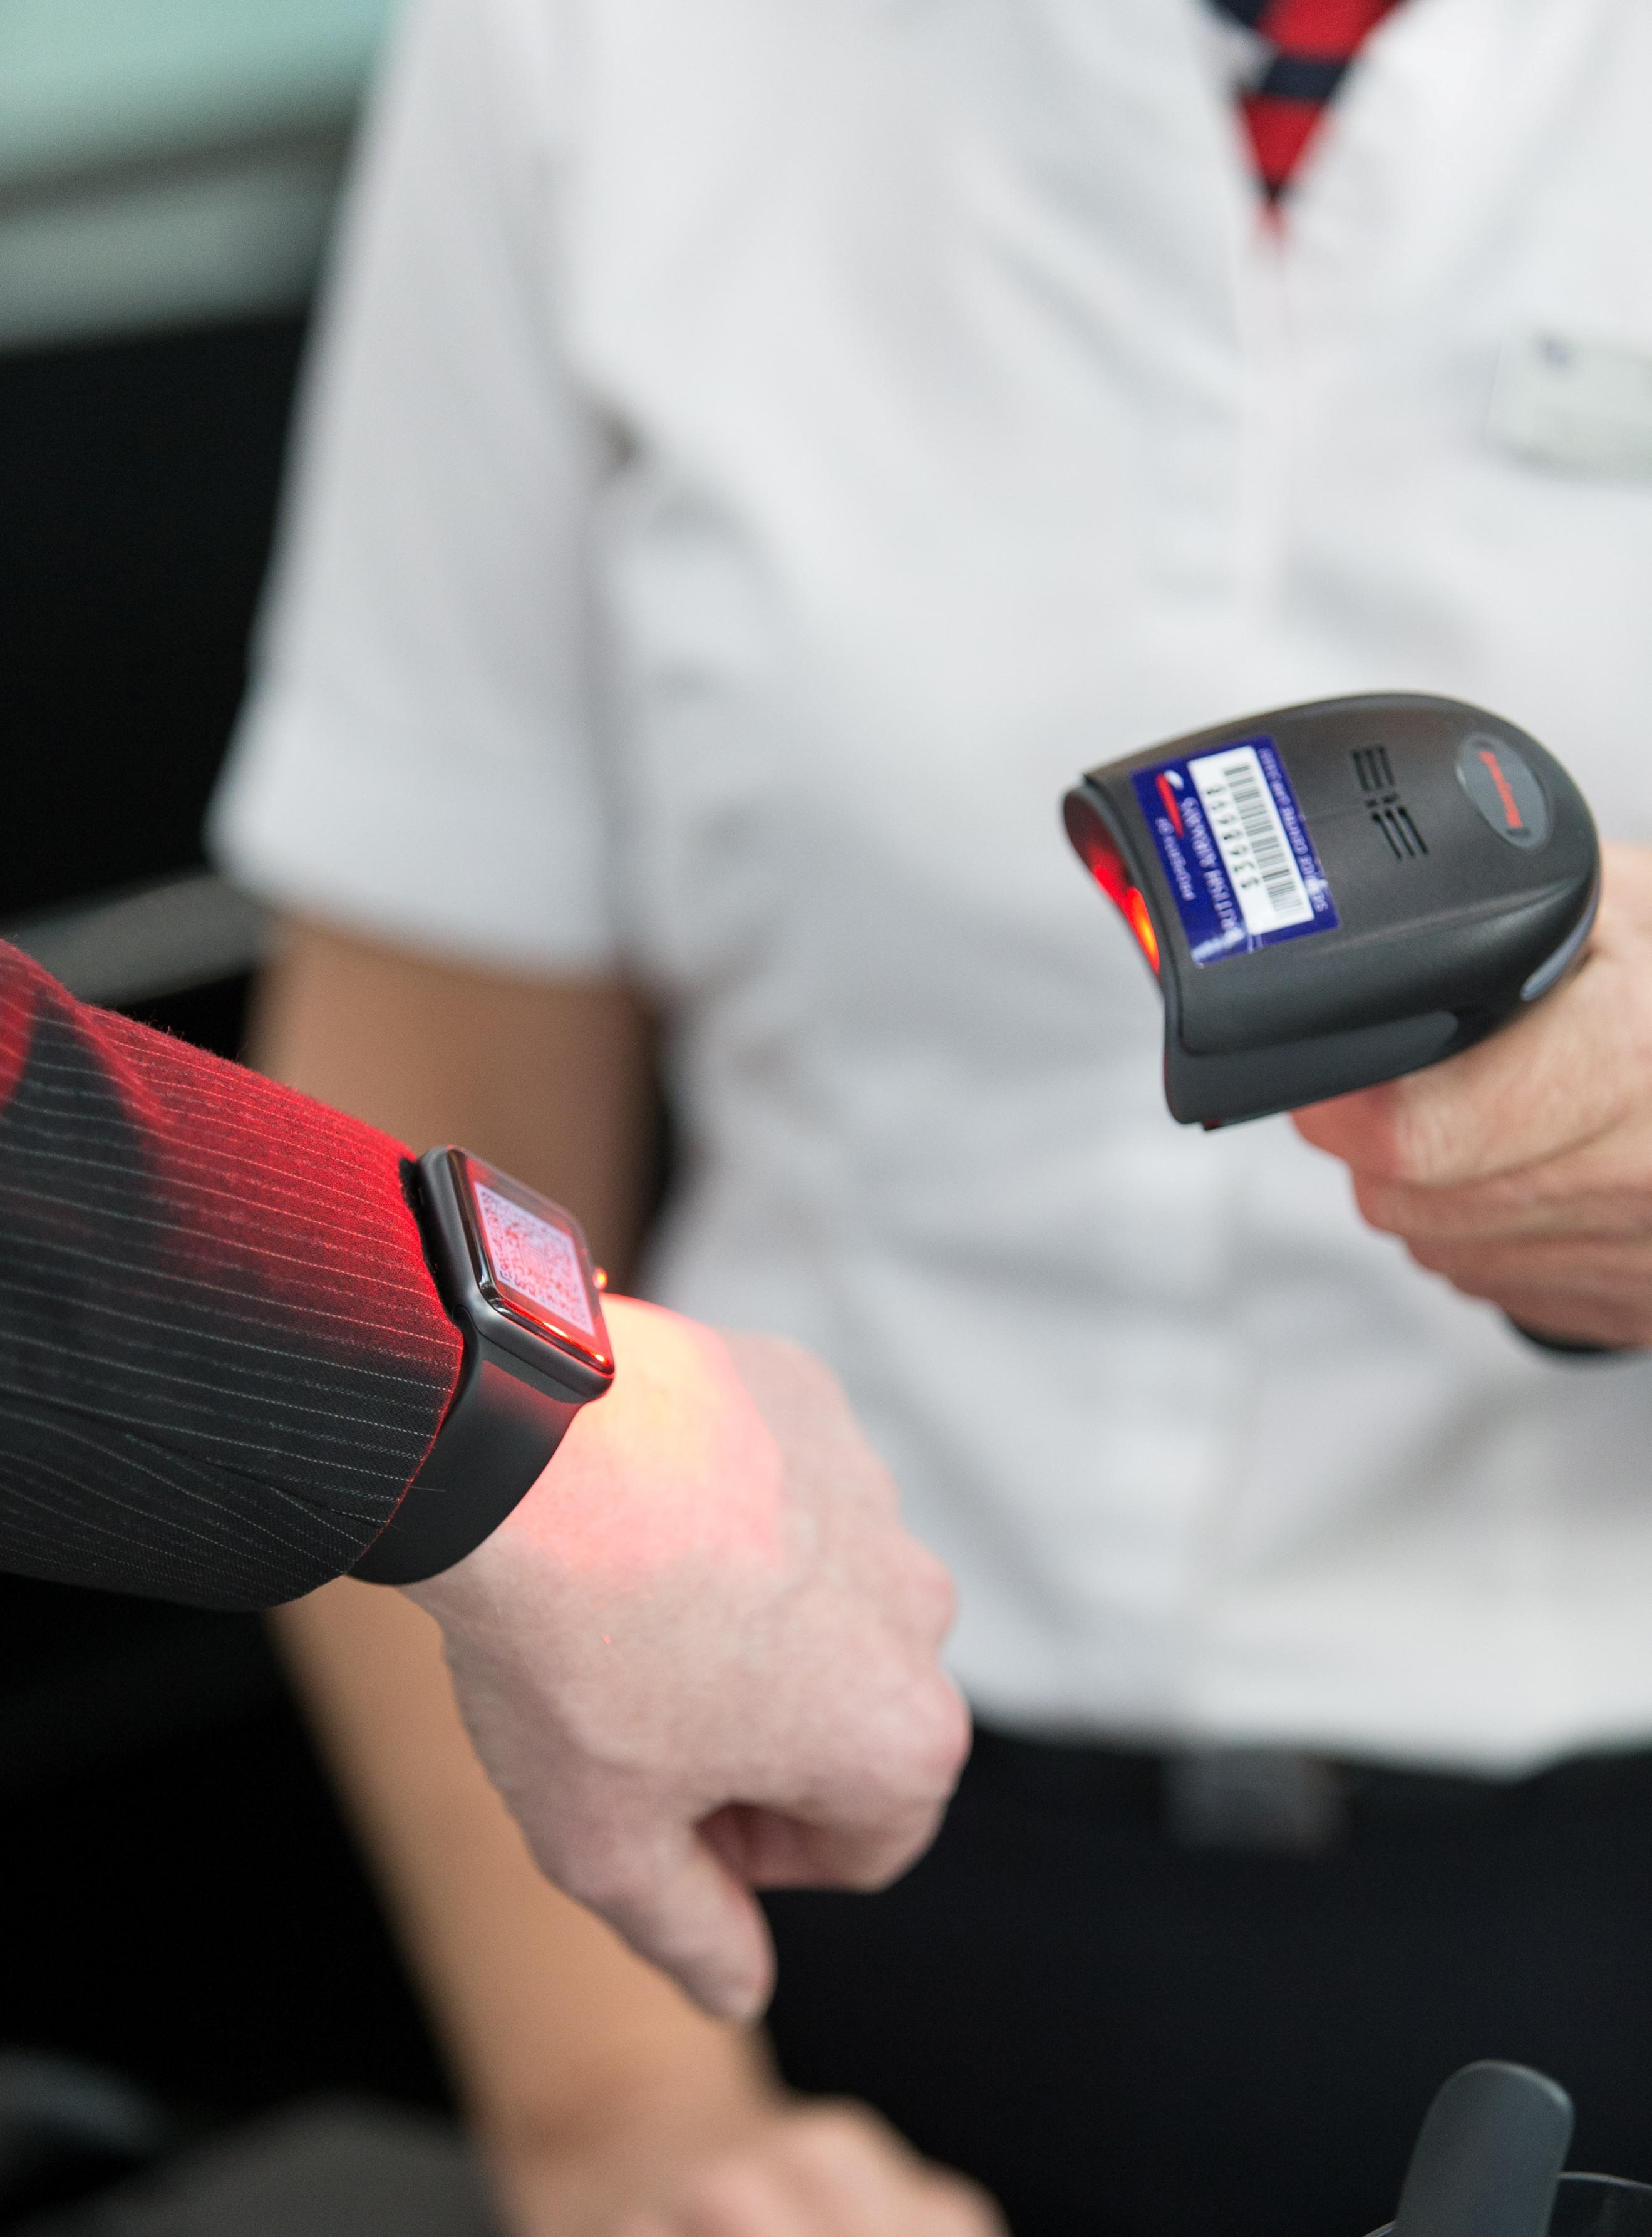 British Airways_smart watch_check-in_003